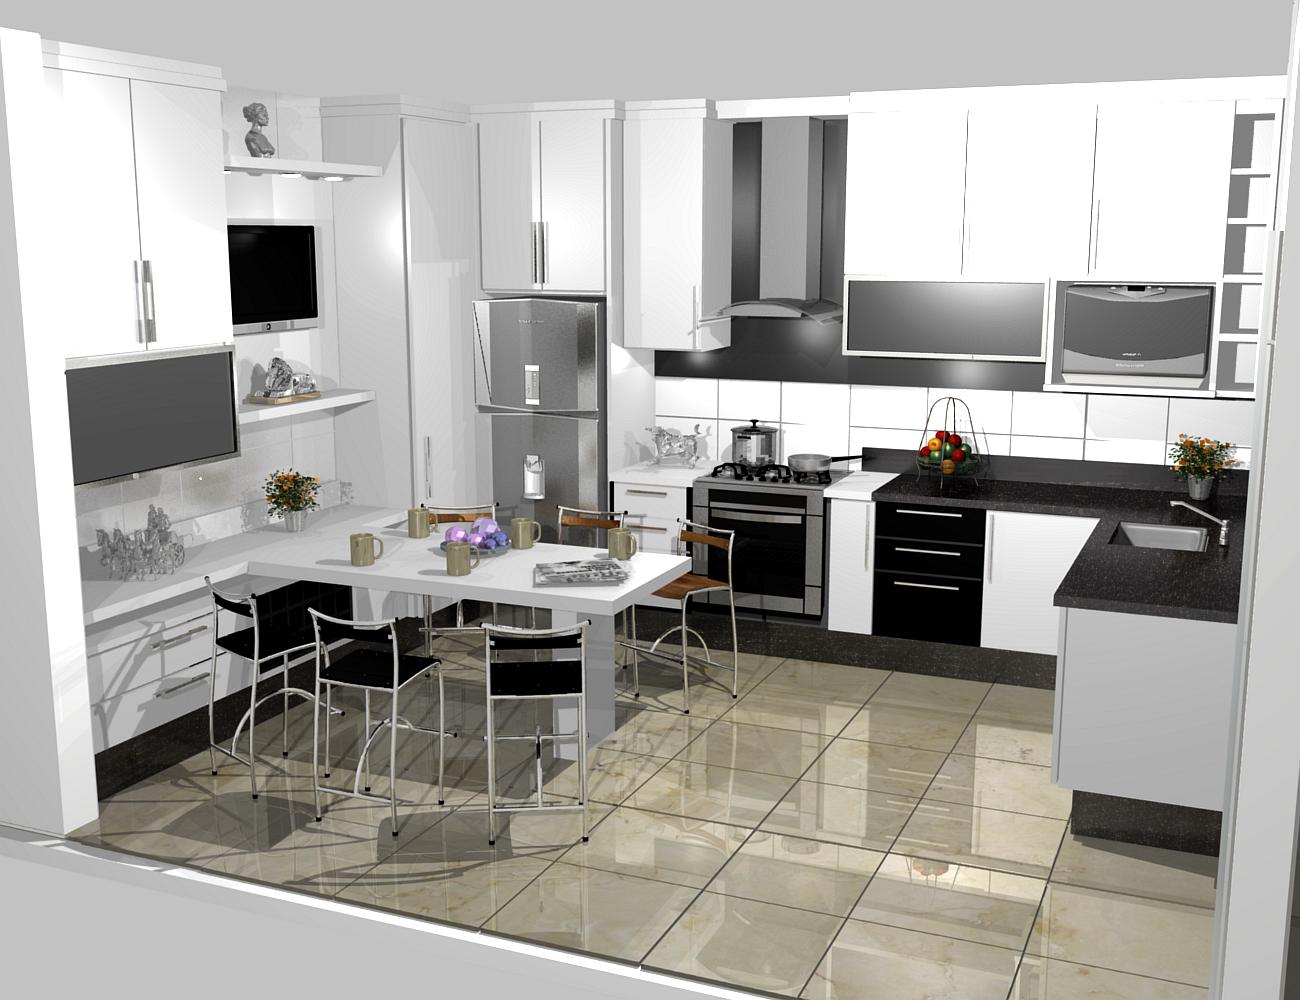 #6A4784  PROJETOS (11) 3976 8616: cozinha planejadas pequenas decorada 1300x1000 px Projetos De Cozinhas Brastemp #439 imagens